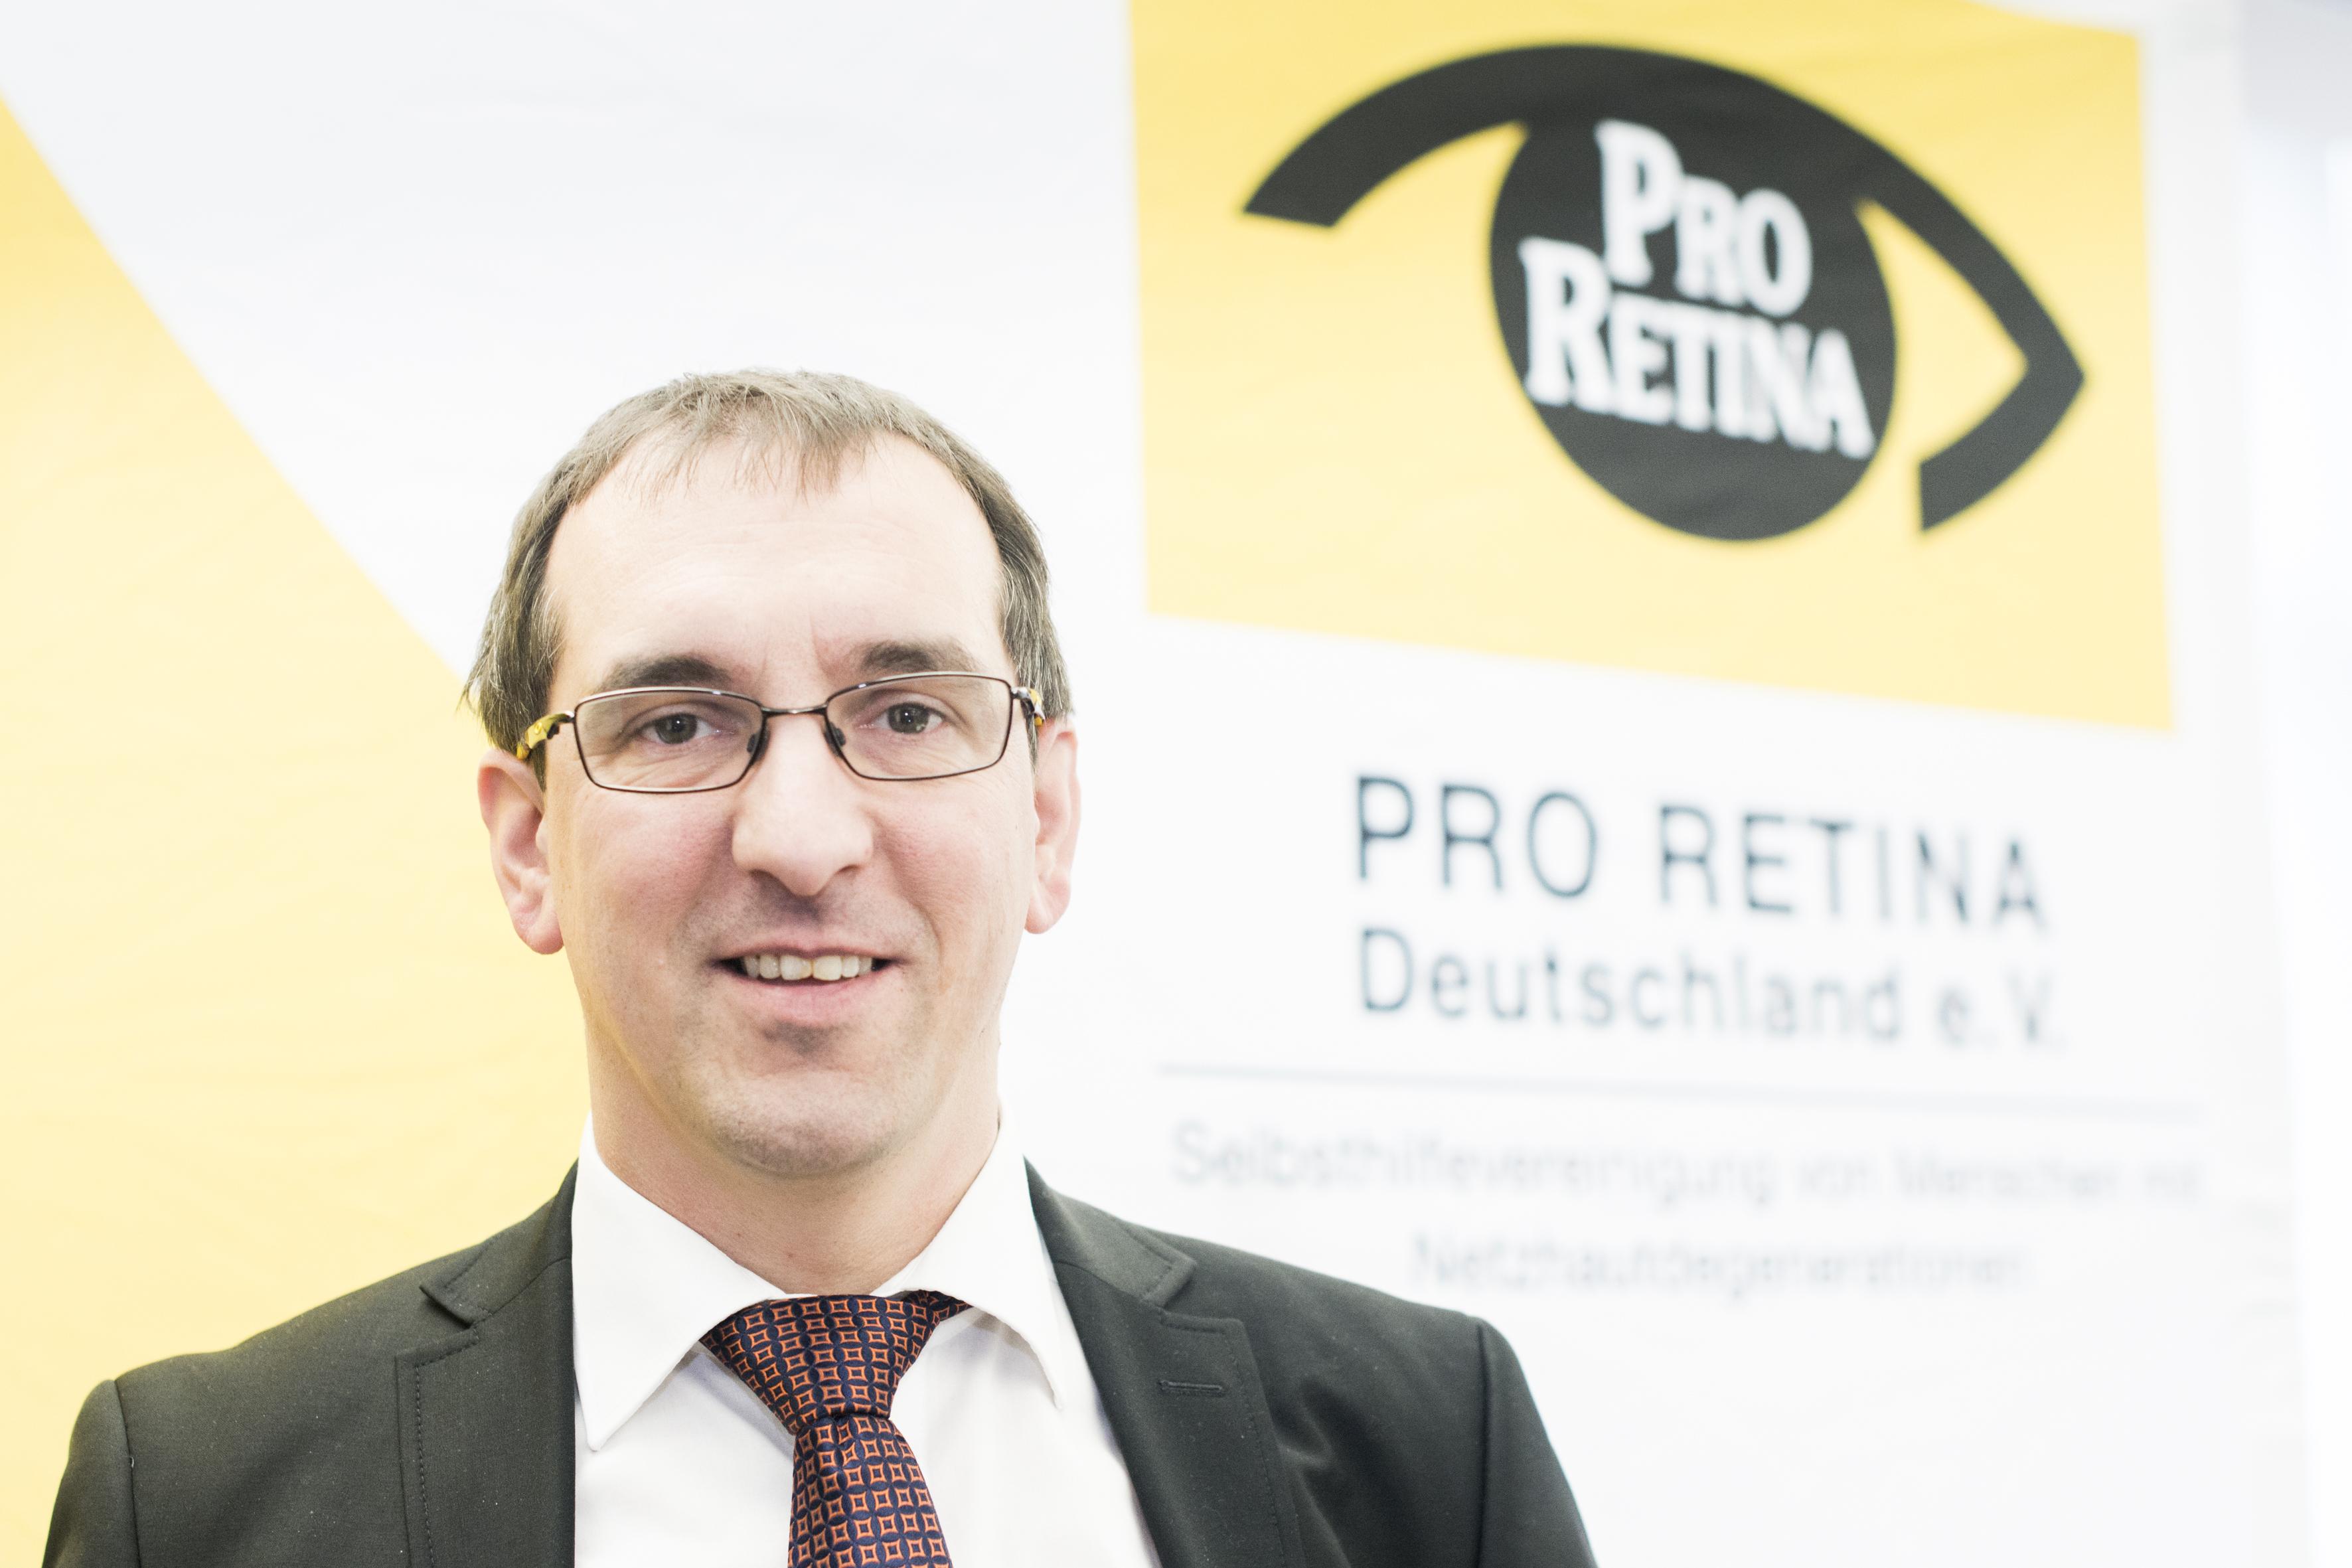 Jahrestreffen Pro Retina eV Köln Foto: © Jennifer Zumbusch